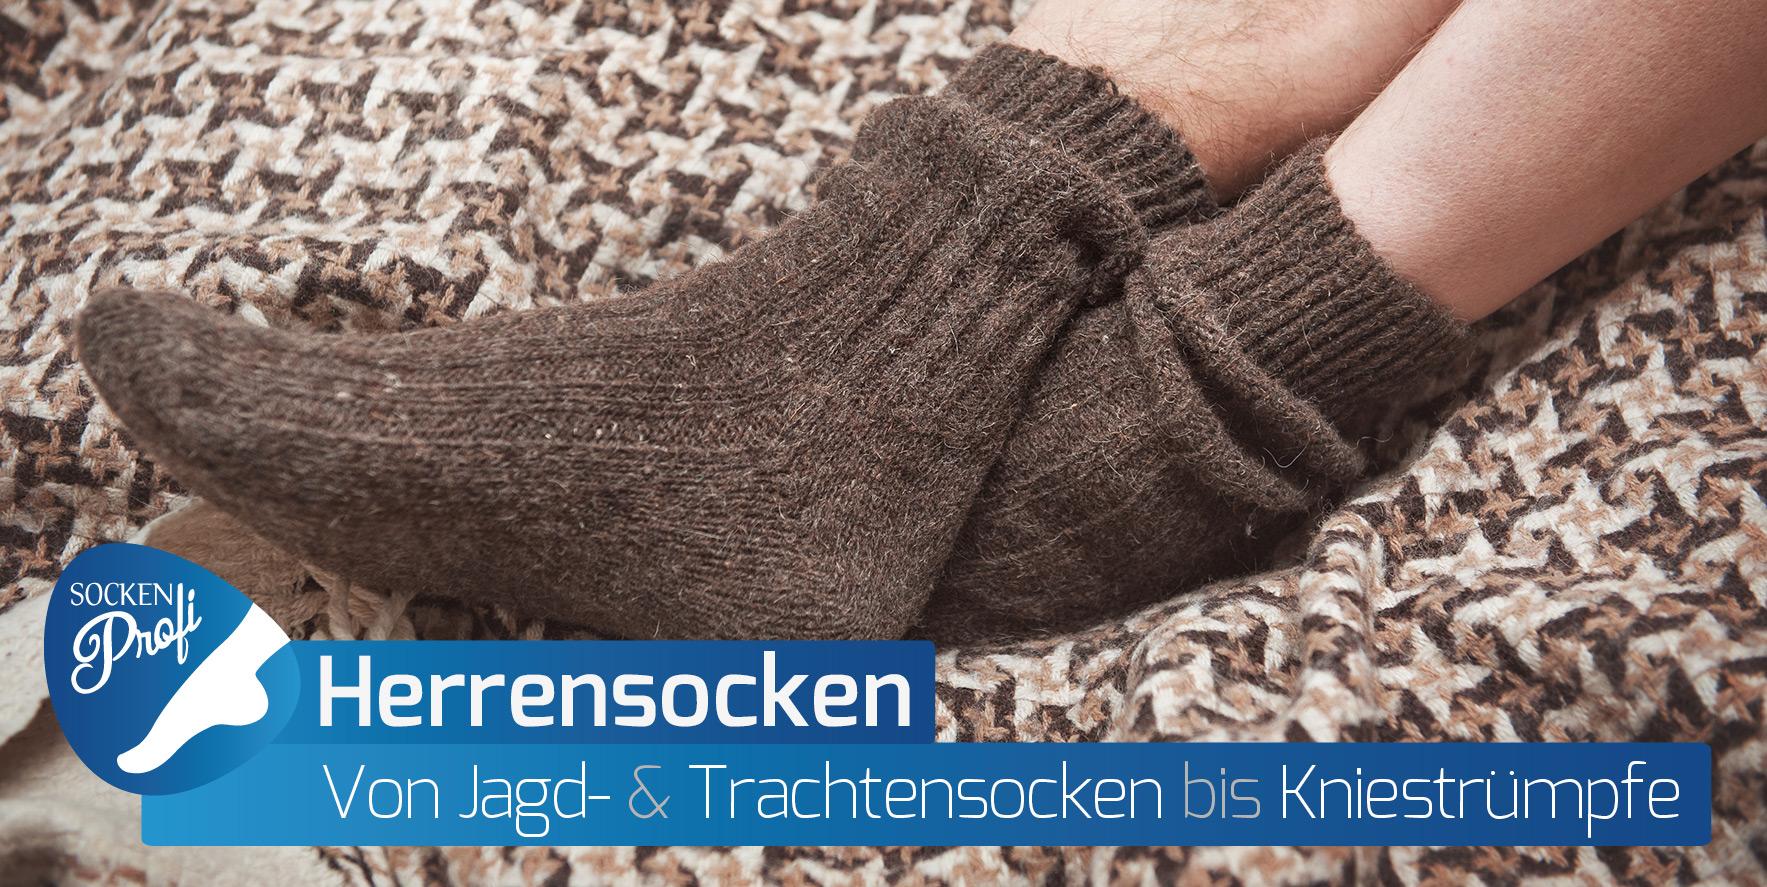 Herrensocken - Von Jagd- & Trachtensocken bis hin zur Bundesheersocken und Kniestrümpfe günstig kaufen